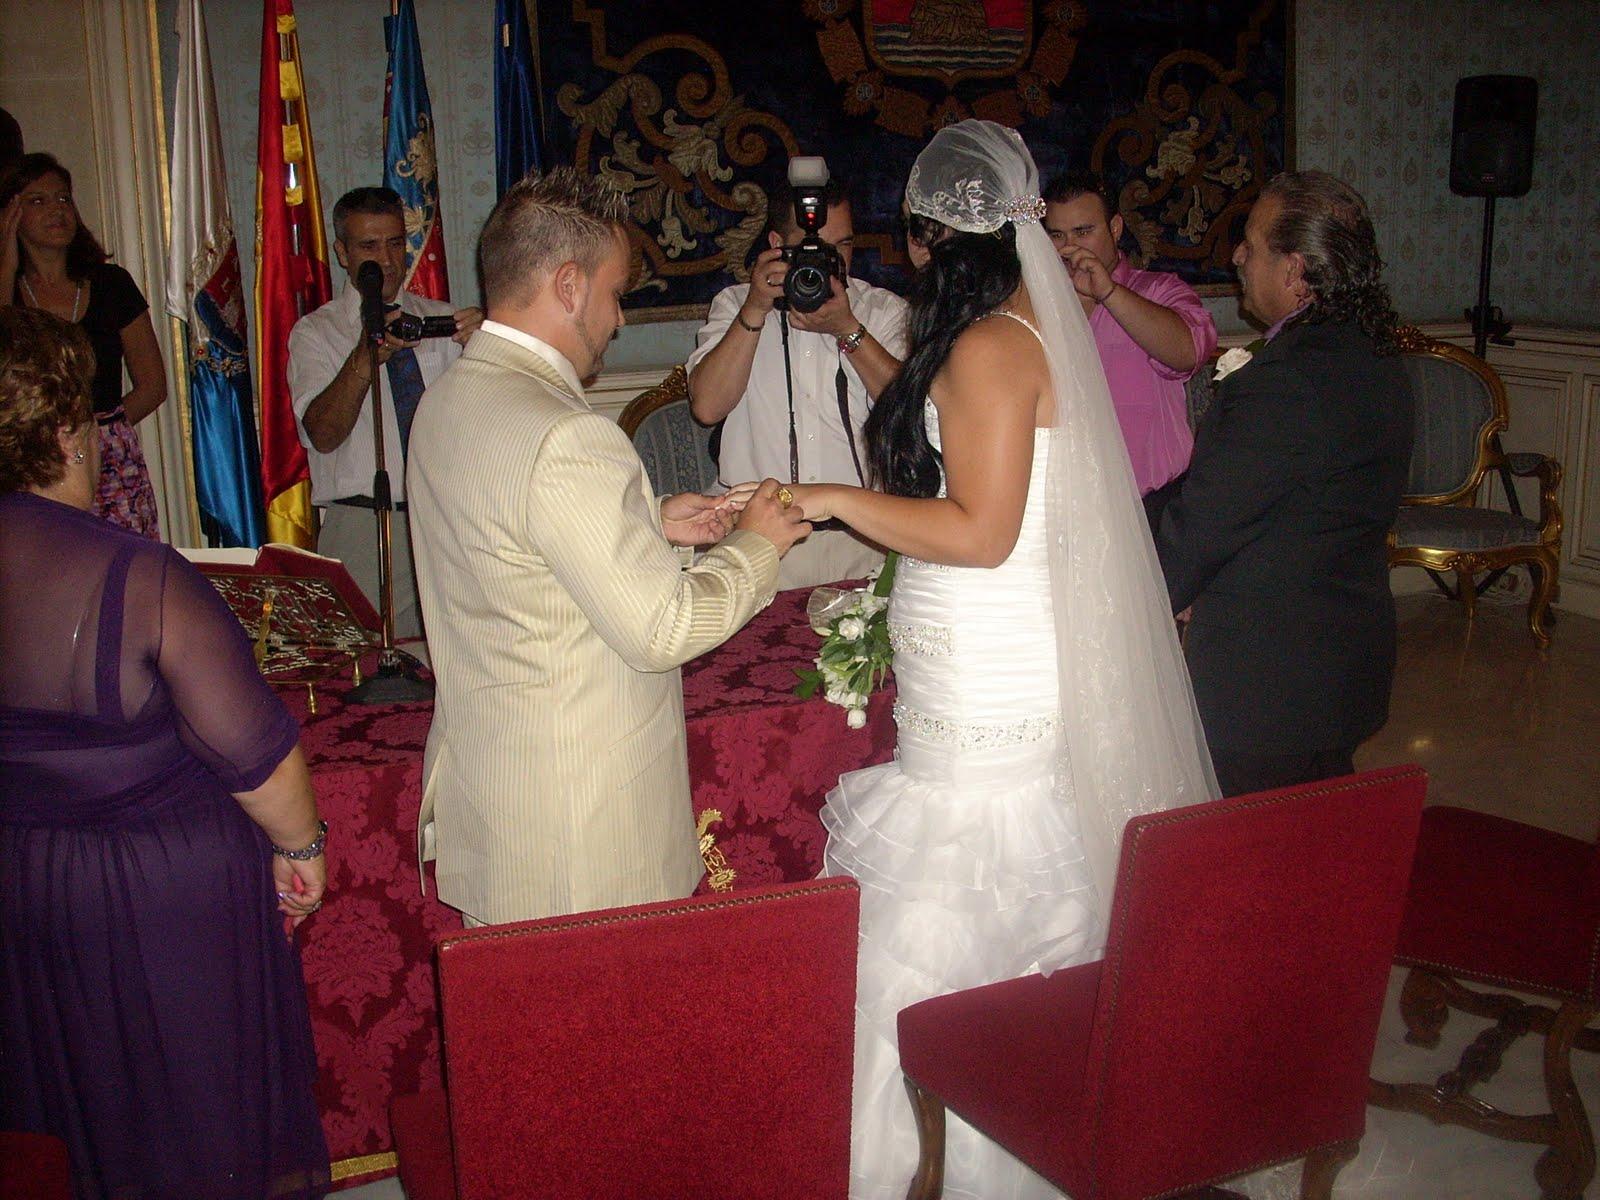 9df6152617e97 Gran boda maquillaje farruquito gran boda maquillaje farruquito JPG  1600x1200 Imagenesmy carroza farruquito boda